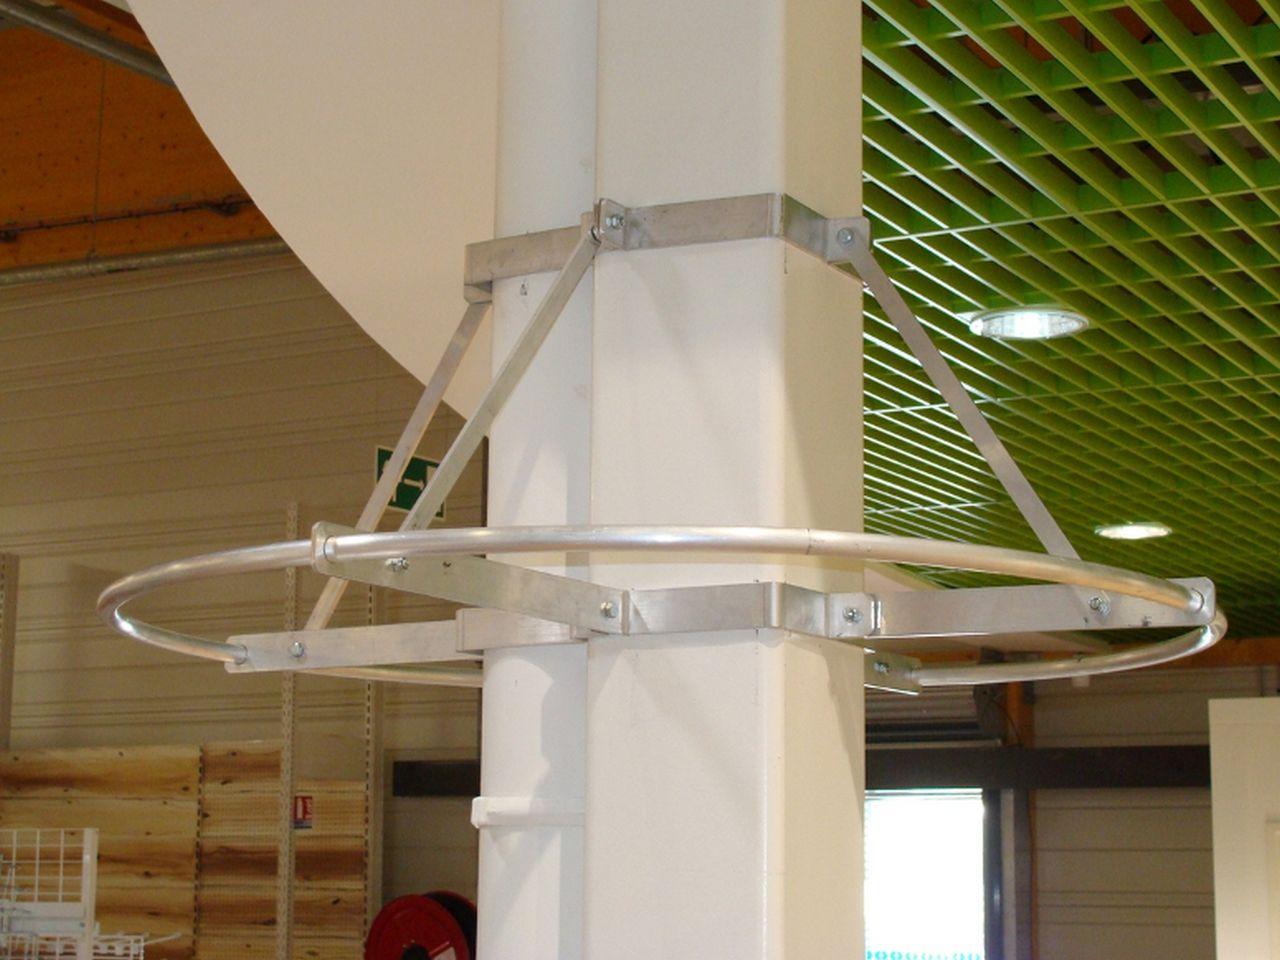 marché aux fleurs - support suspensions sur poteau